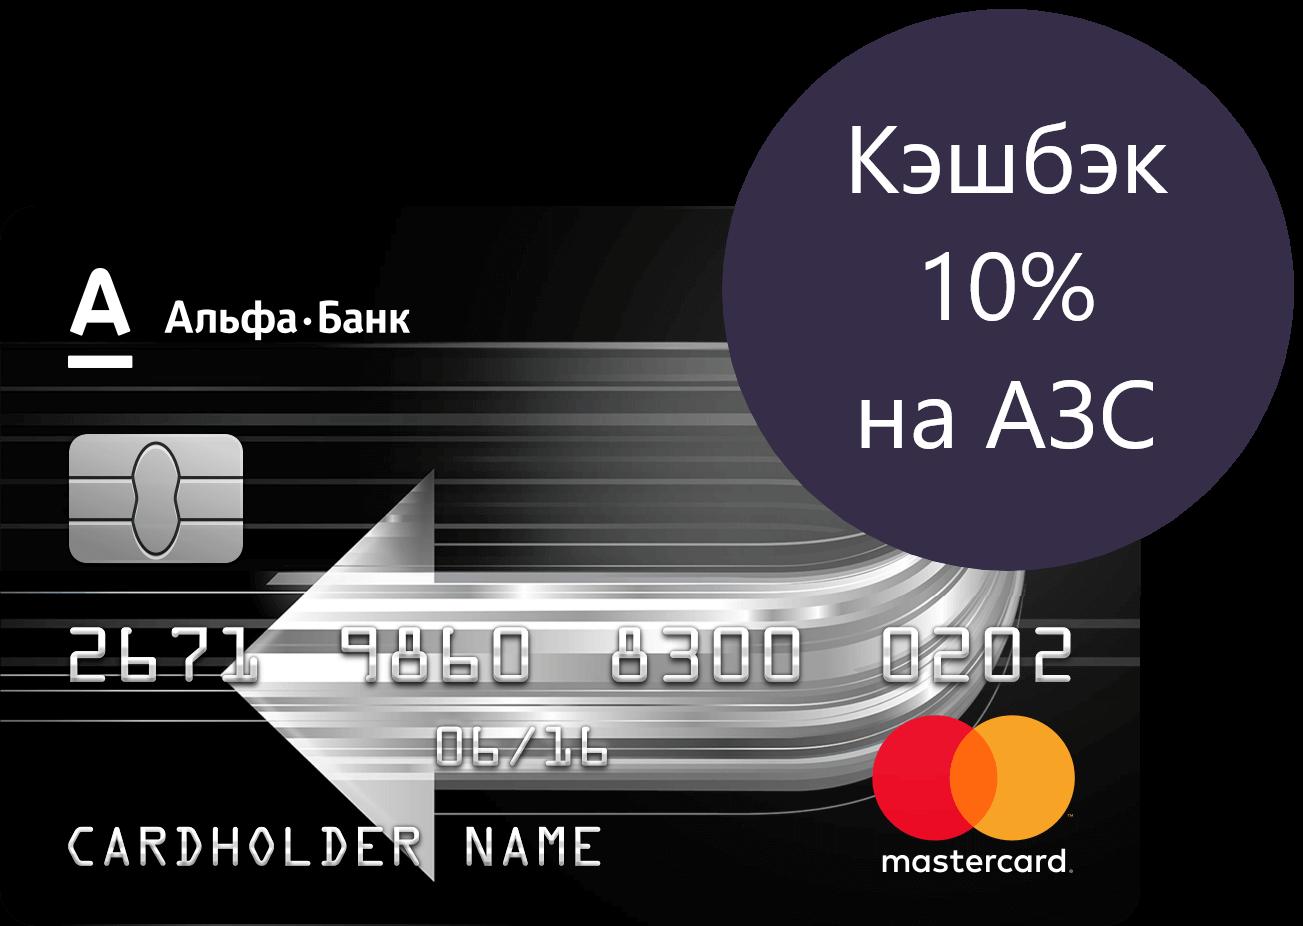 Альфа банк кредитная карта с кэшбэком